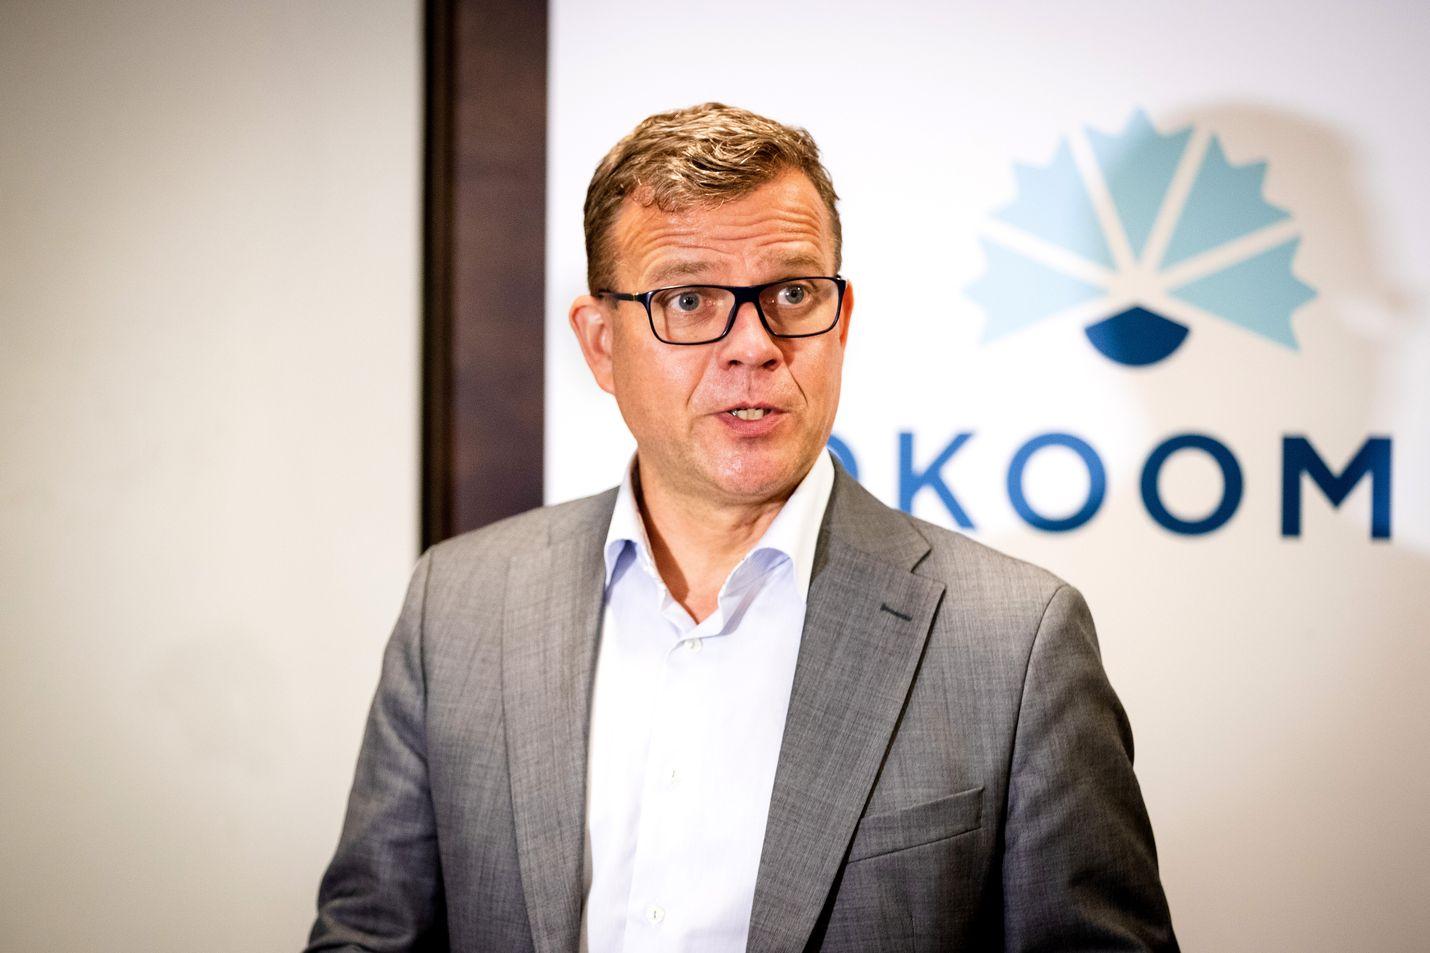 Petteri Orpon mukaan Suomella ei ole varaa budjettiriiheen, jossa välttämättömiä päätöksiä siirretään eteenpäin. Arkistokuva.